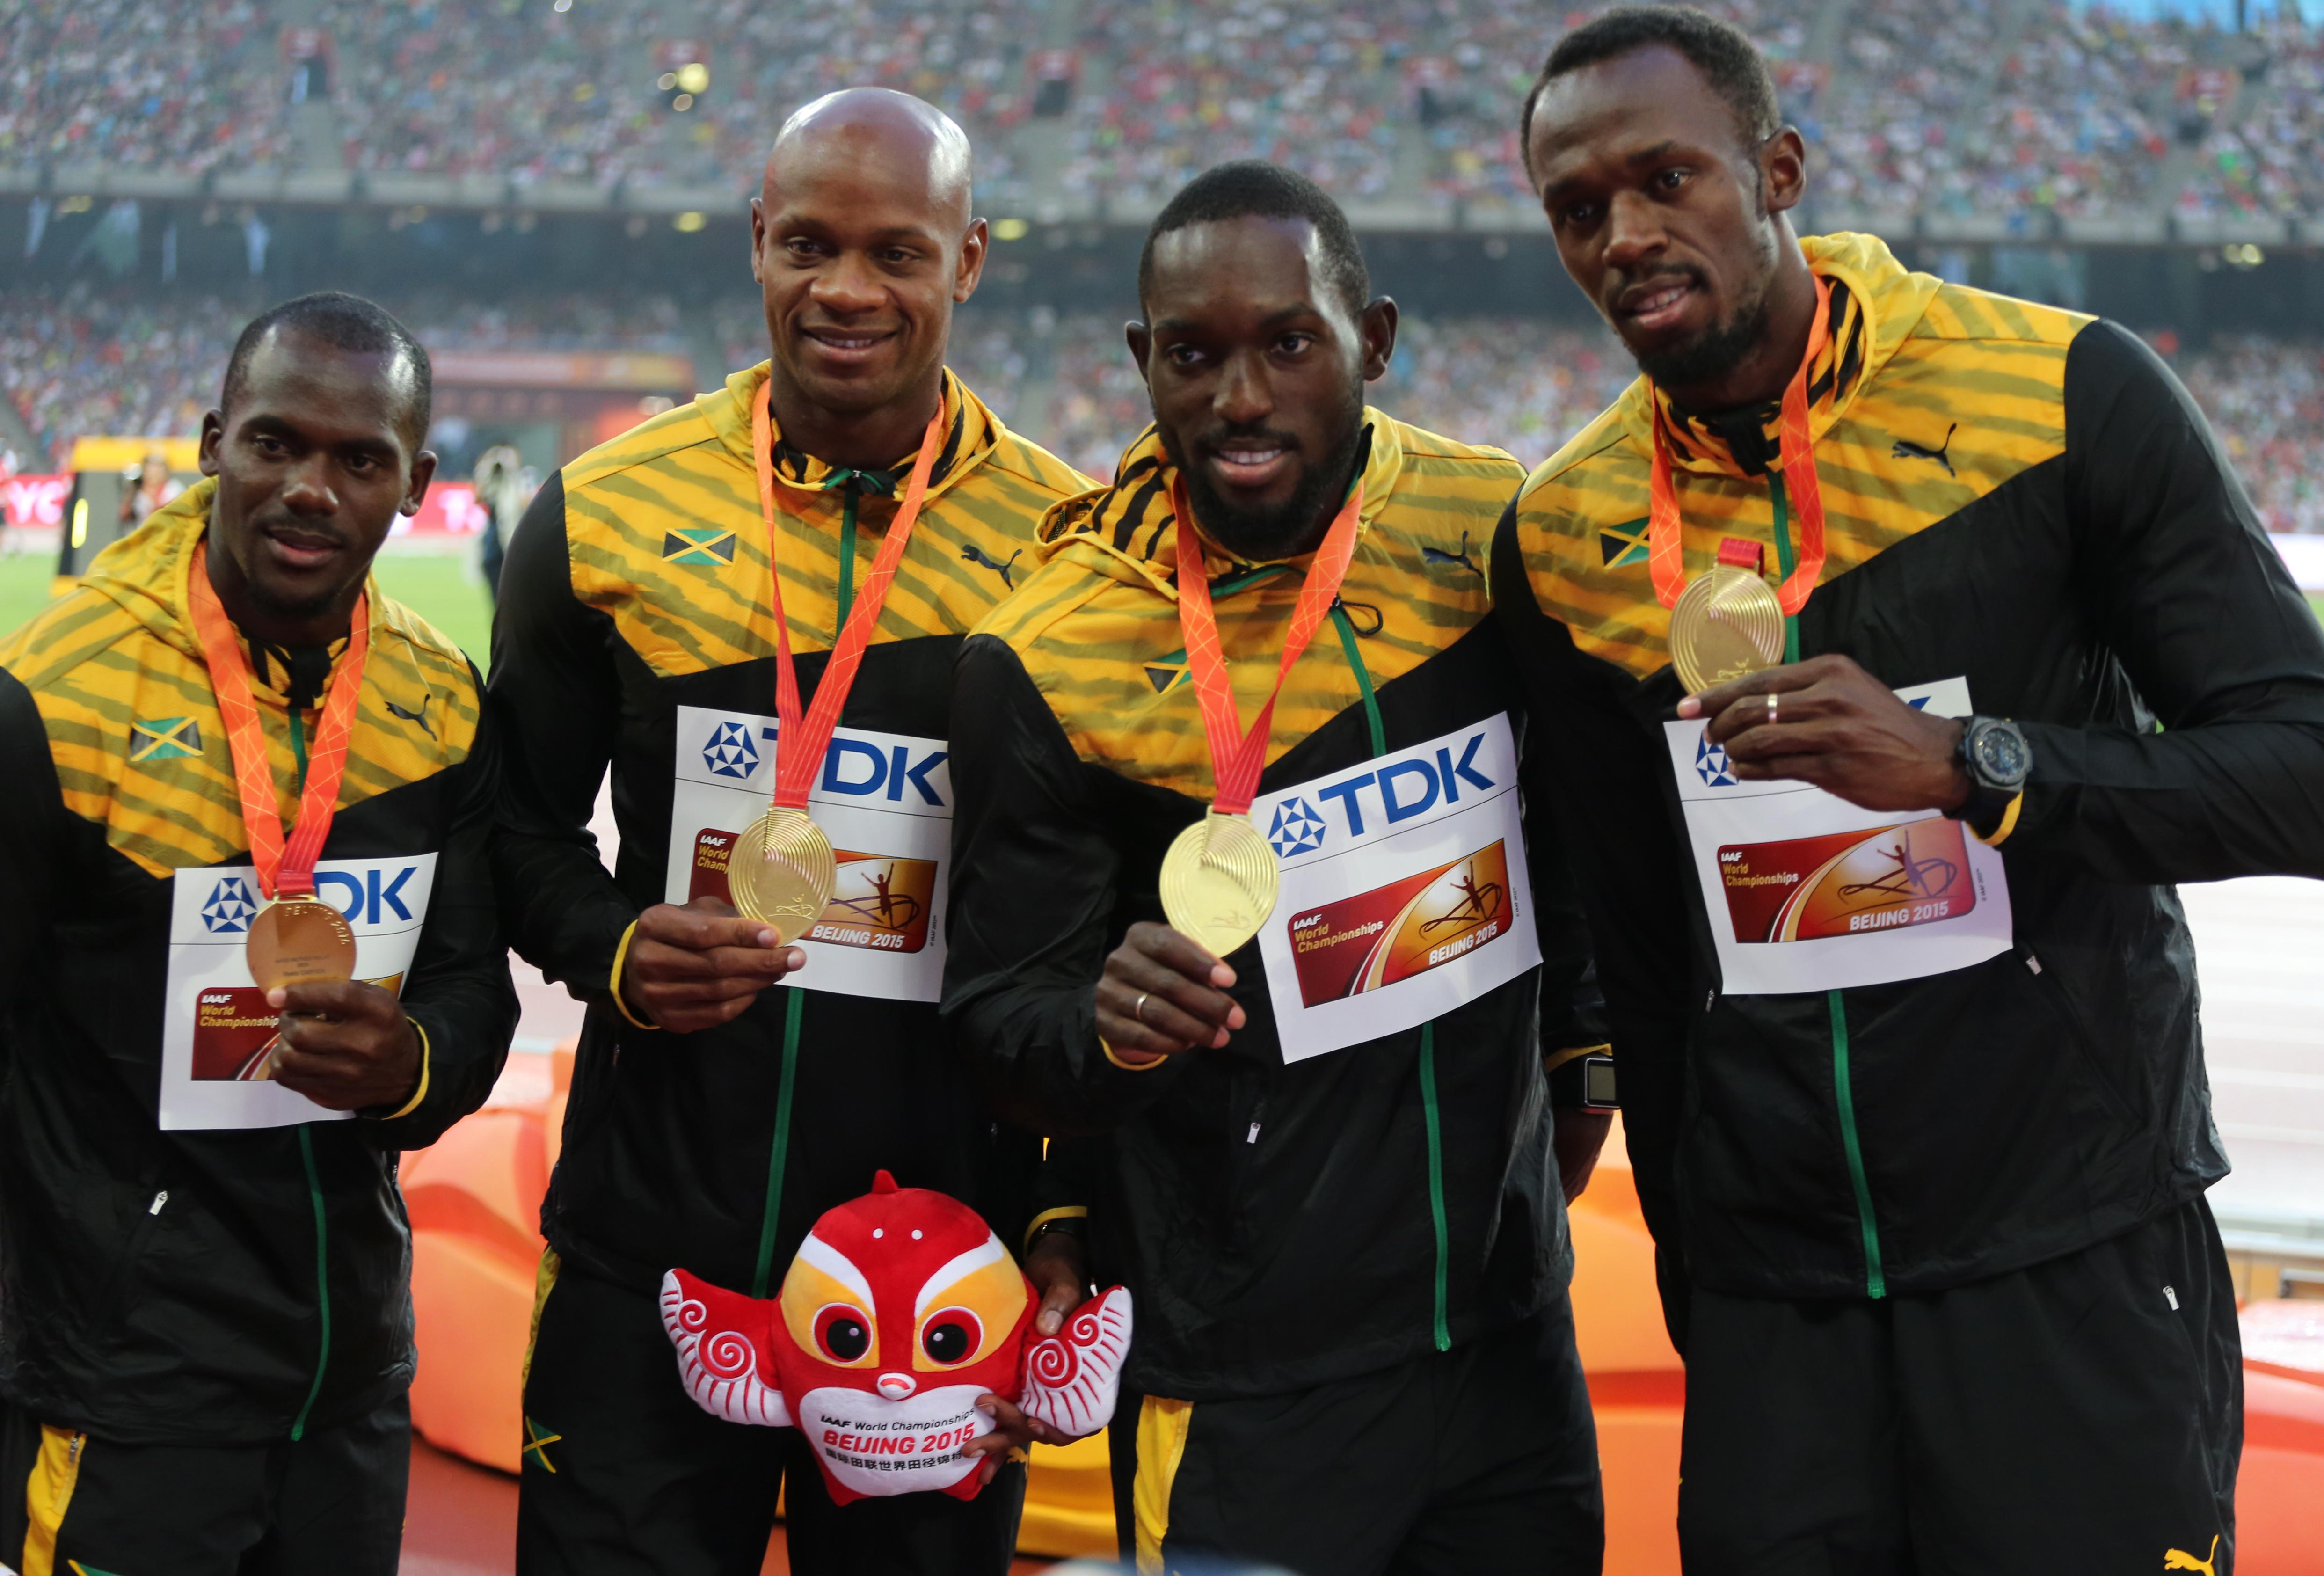 El equipo ganador jamaiquino de los 4 x 100 en los mundiales de Beijing 2015. De izquierda a derecha: Nesta Carter, Asafa Powell, Nickel Ashmeade y Usain Bolt. Giuliano Bevilacqua/Corbis via Getty Images)